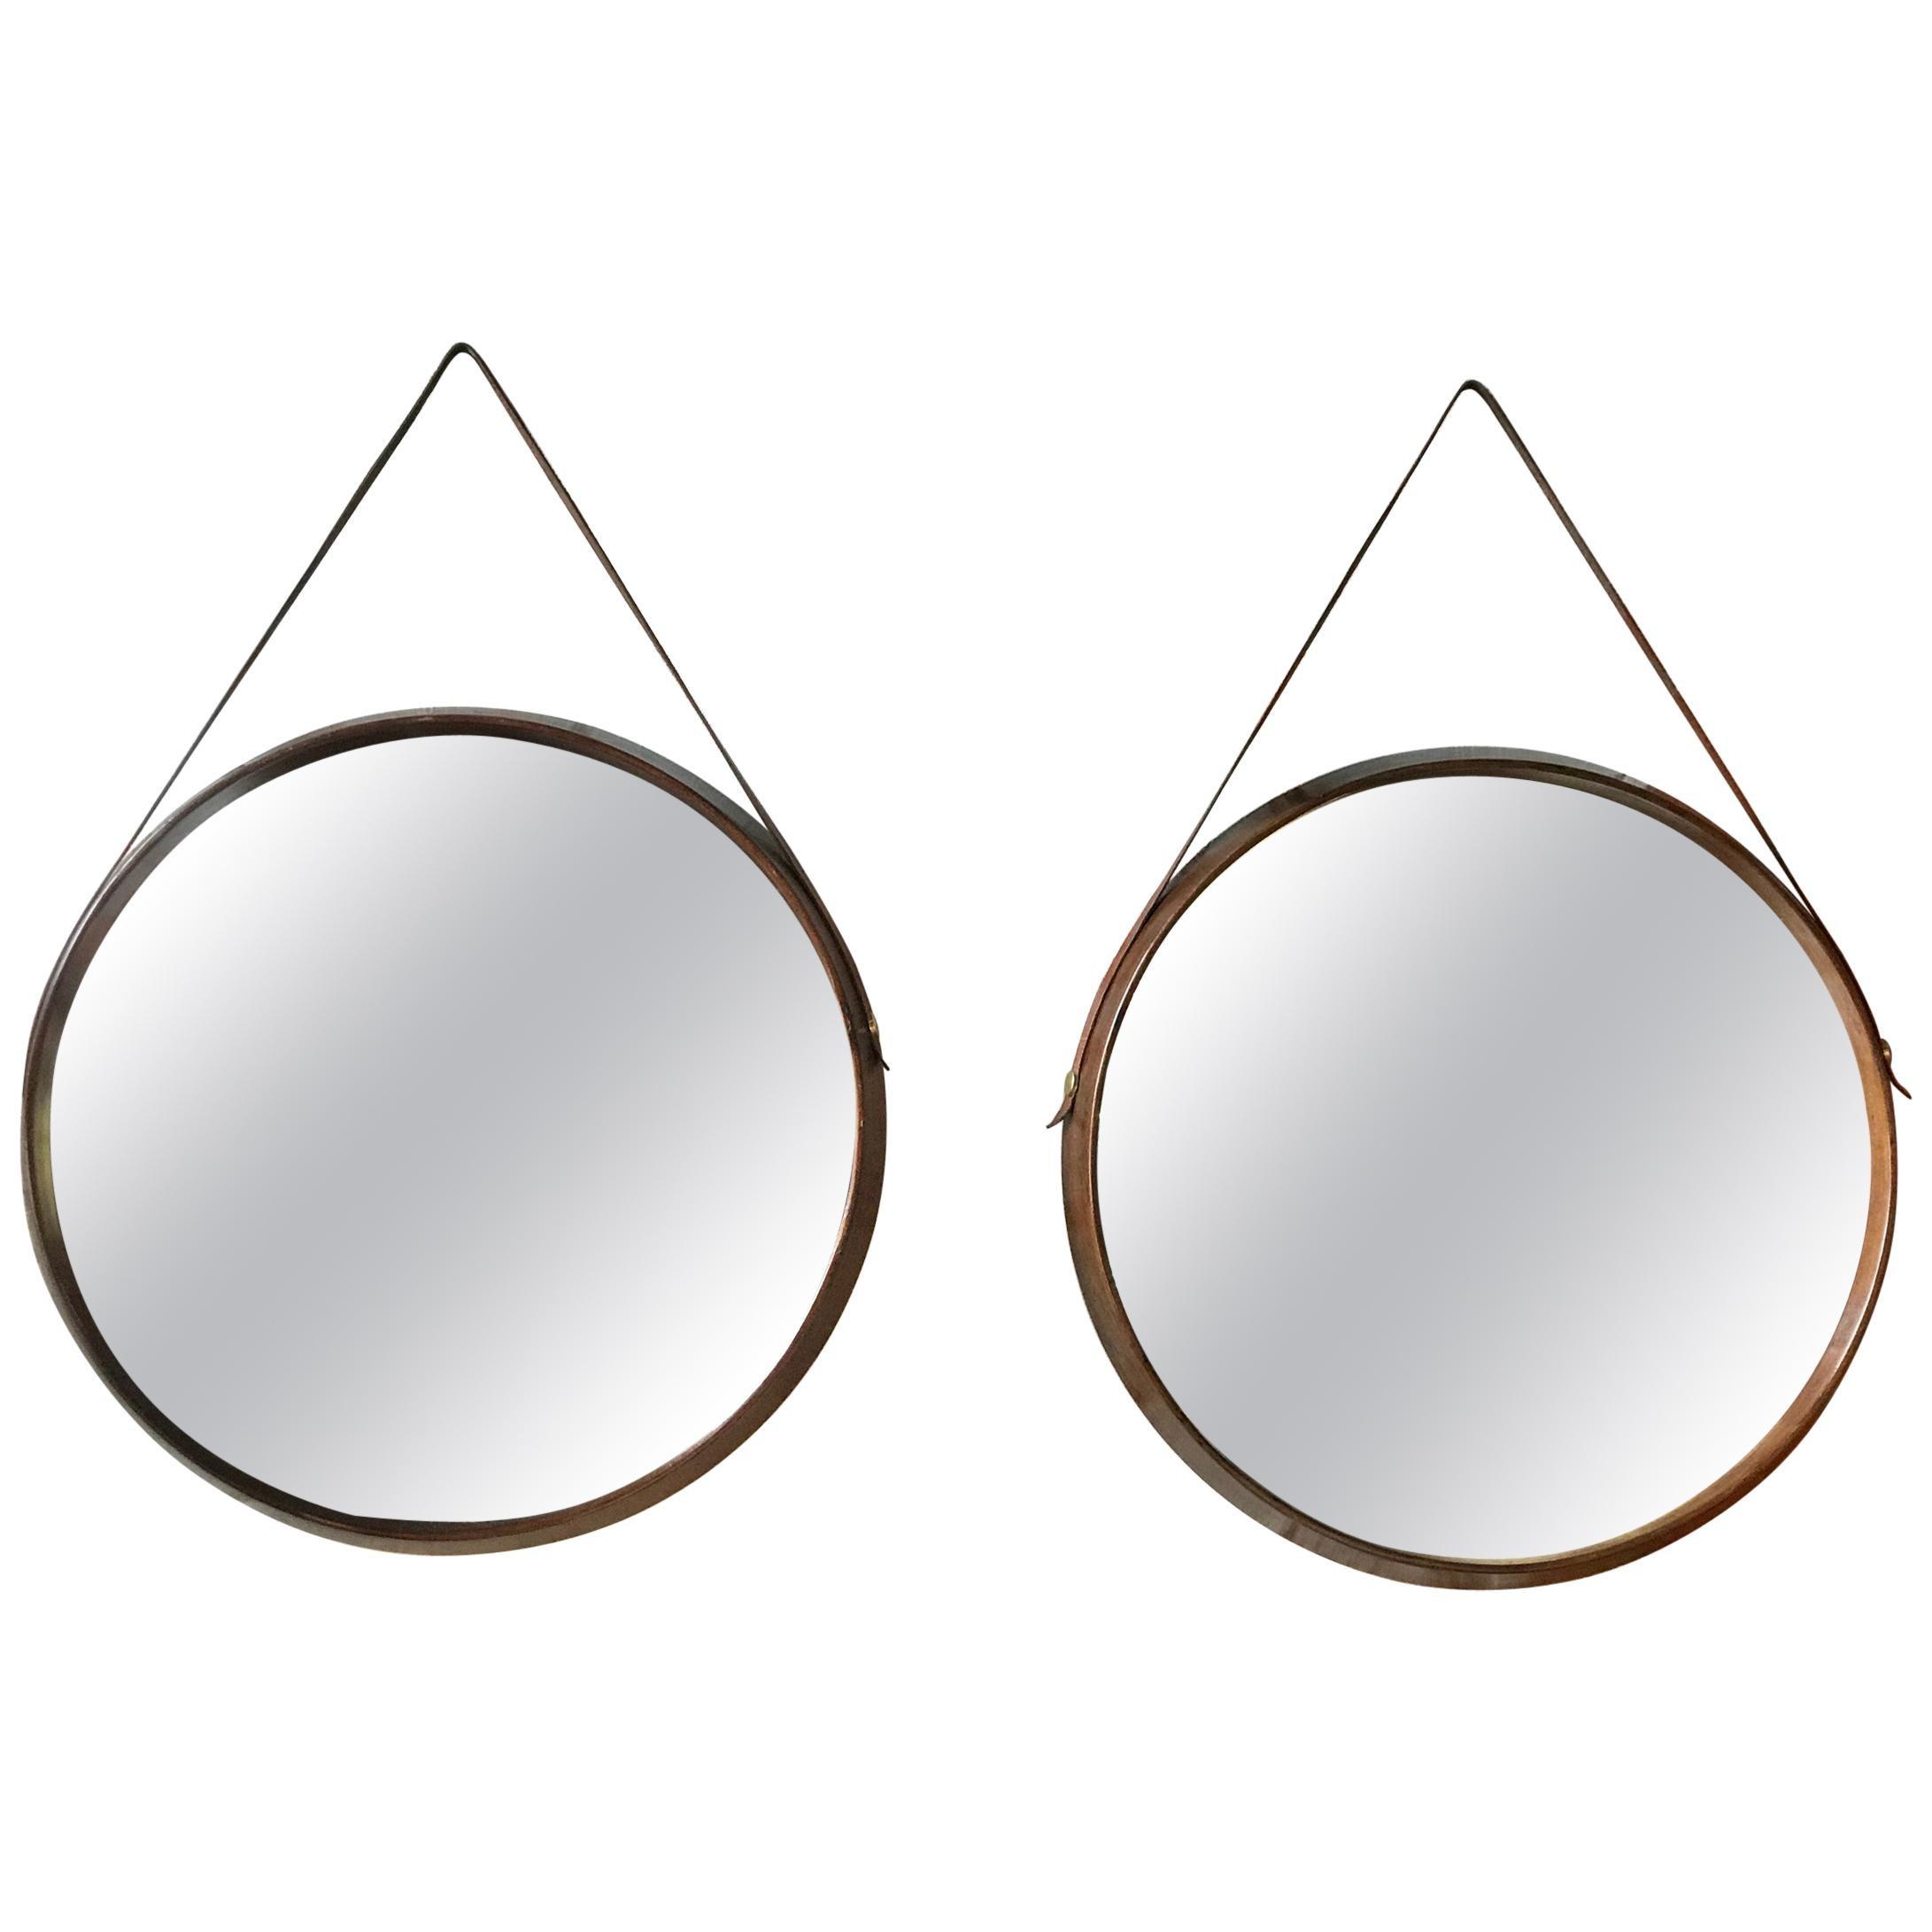 Pair of Midcentury Teak Wall Round Mirrors, 1960s